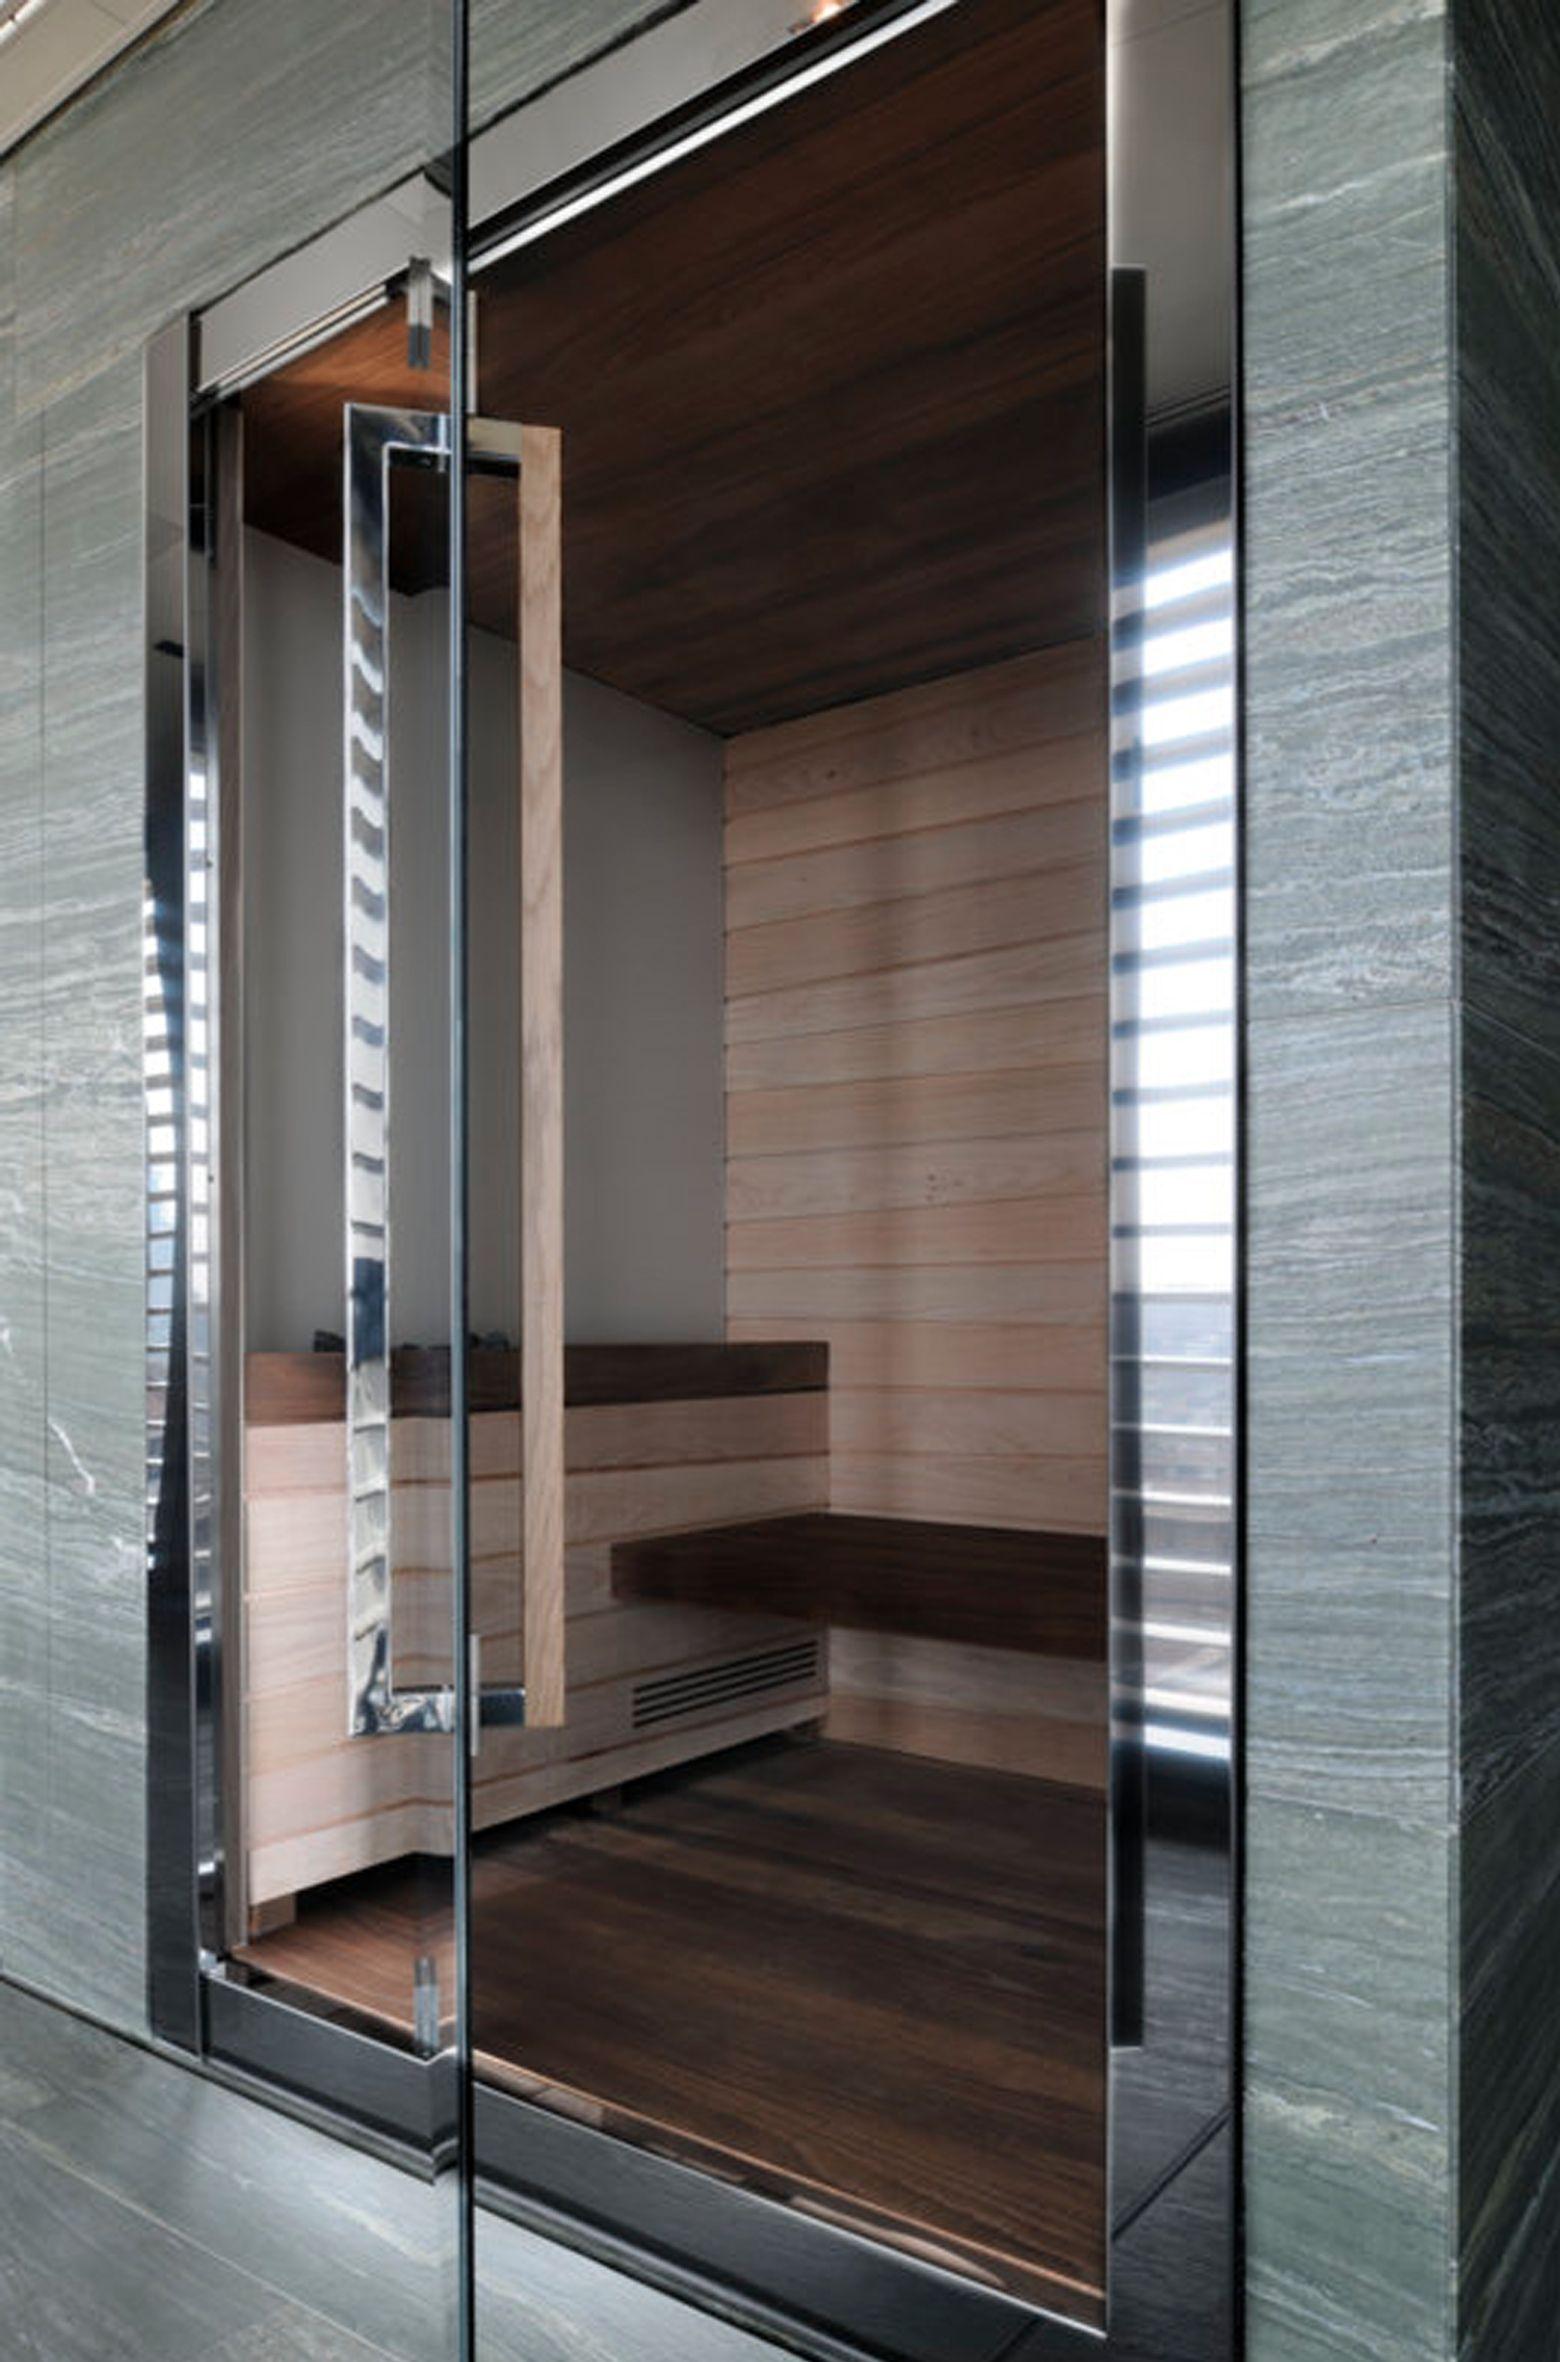 Armani Spa Hotel Milano Bathroom Nel 2019